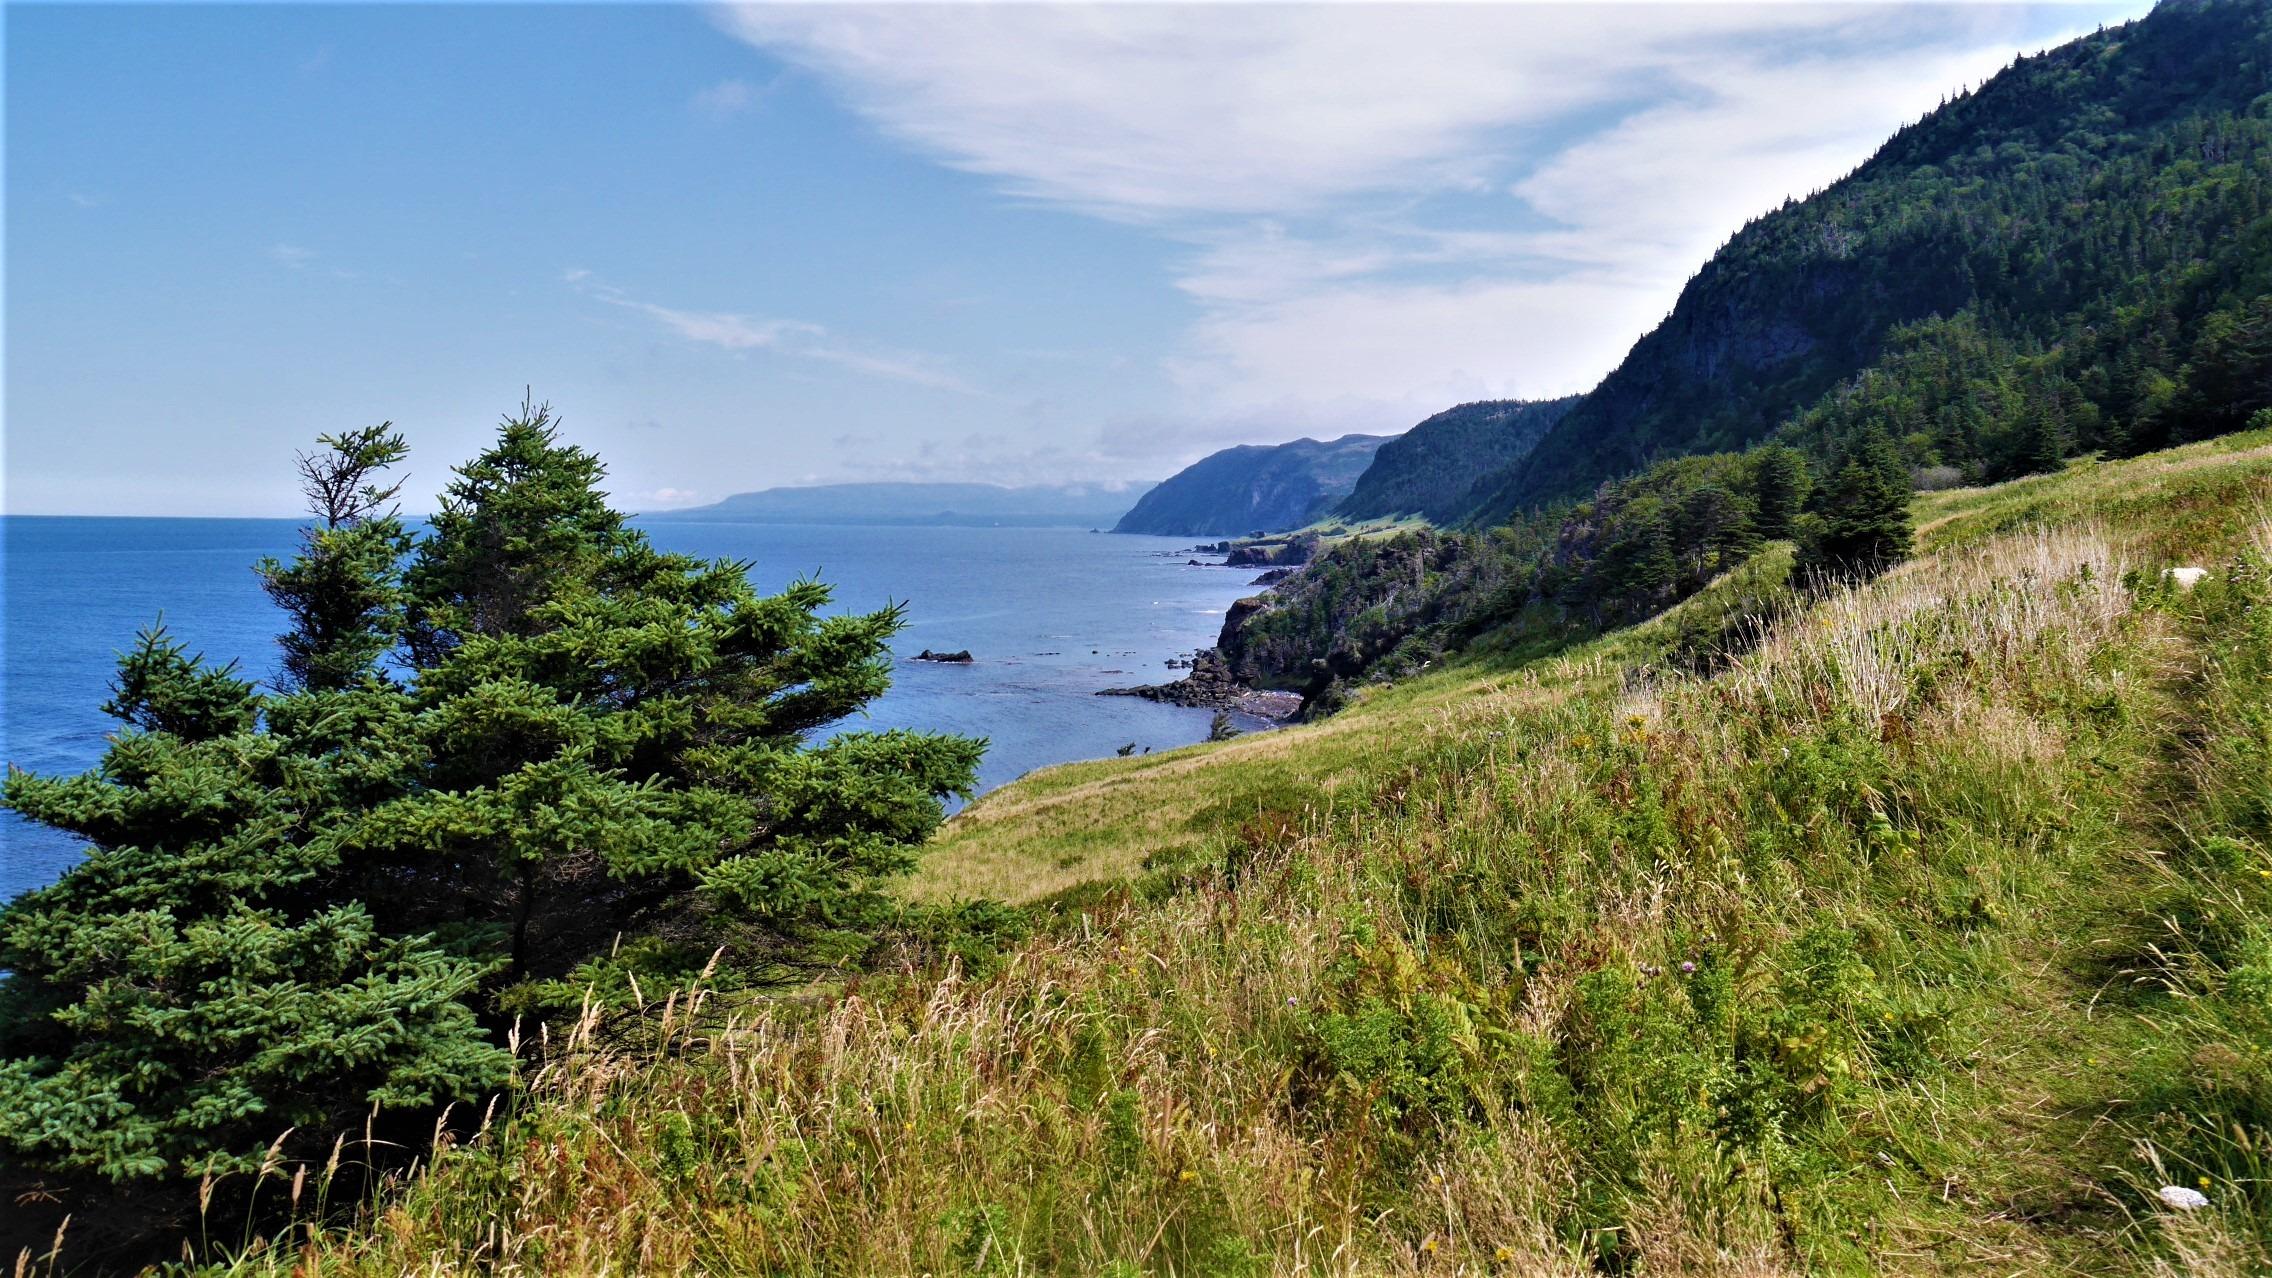 Terre-Neuve sentier Green Gardens randonnée Canada